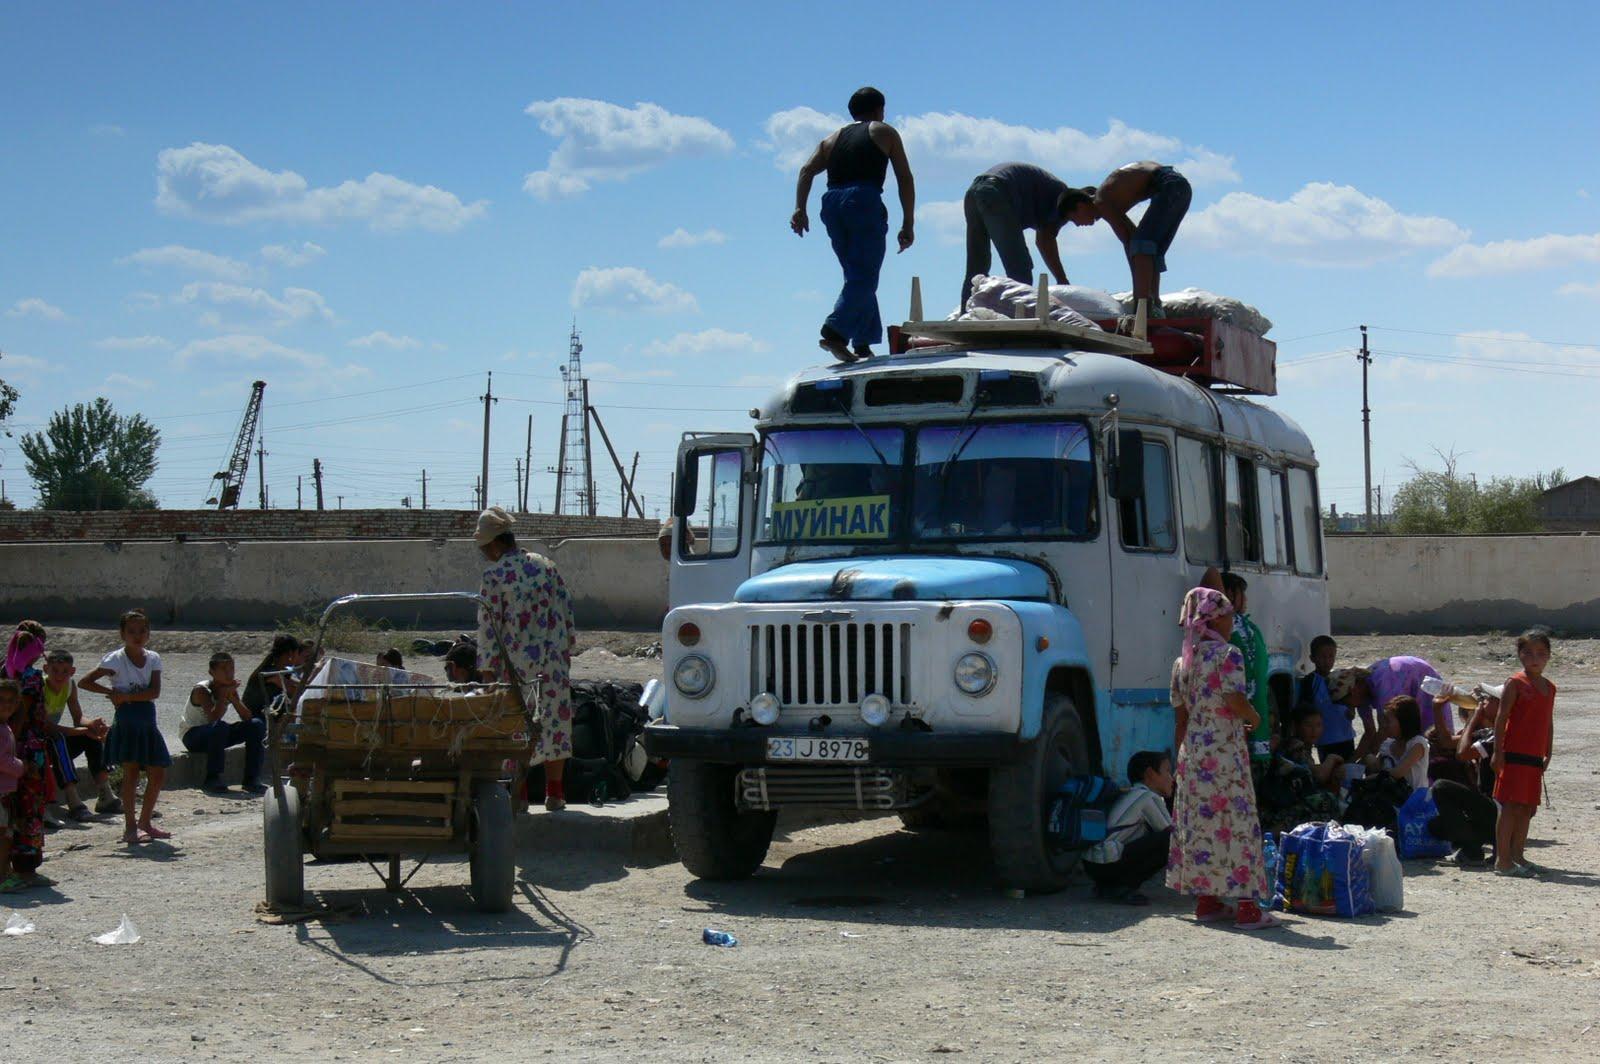 Autobus nad wymarłe Morze Aralskie, Uzbekistan